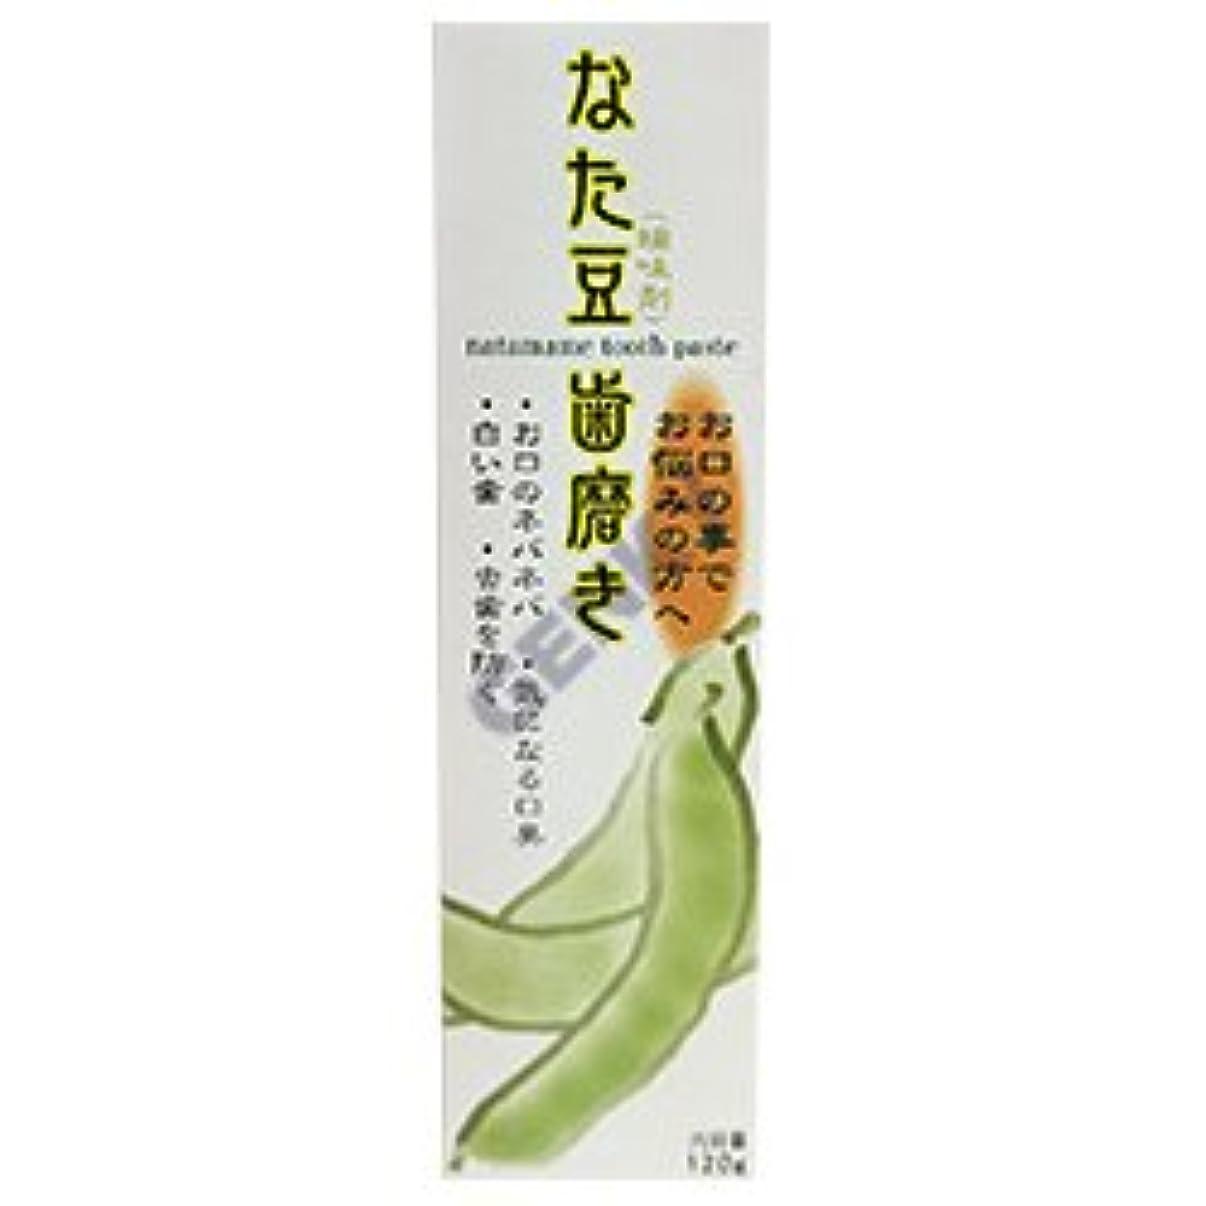 戸惑う頑固な賞賛【モルゲンロート】なた豆歯磨き 120g ×5個セット